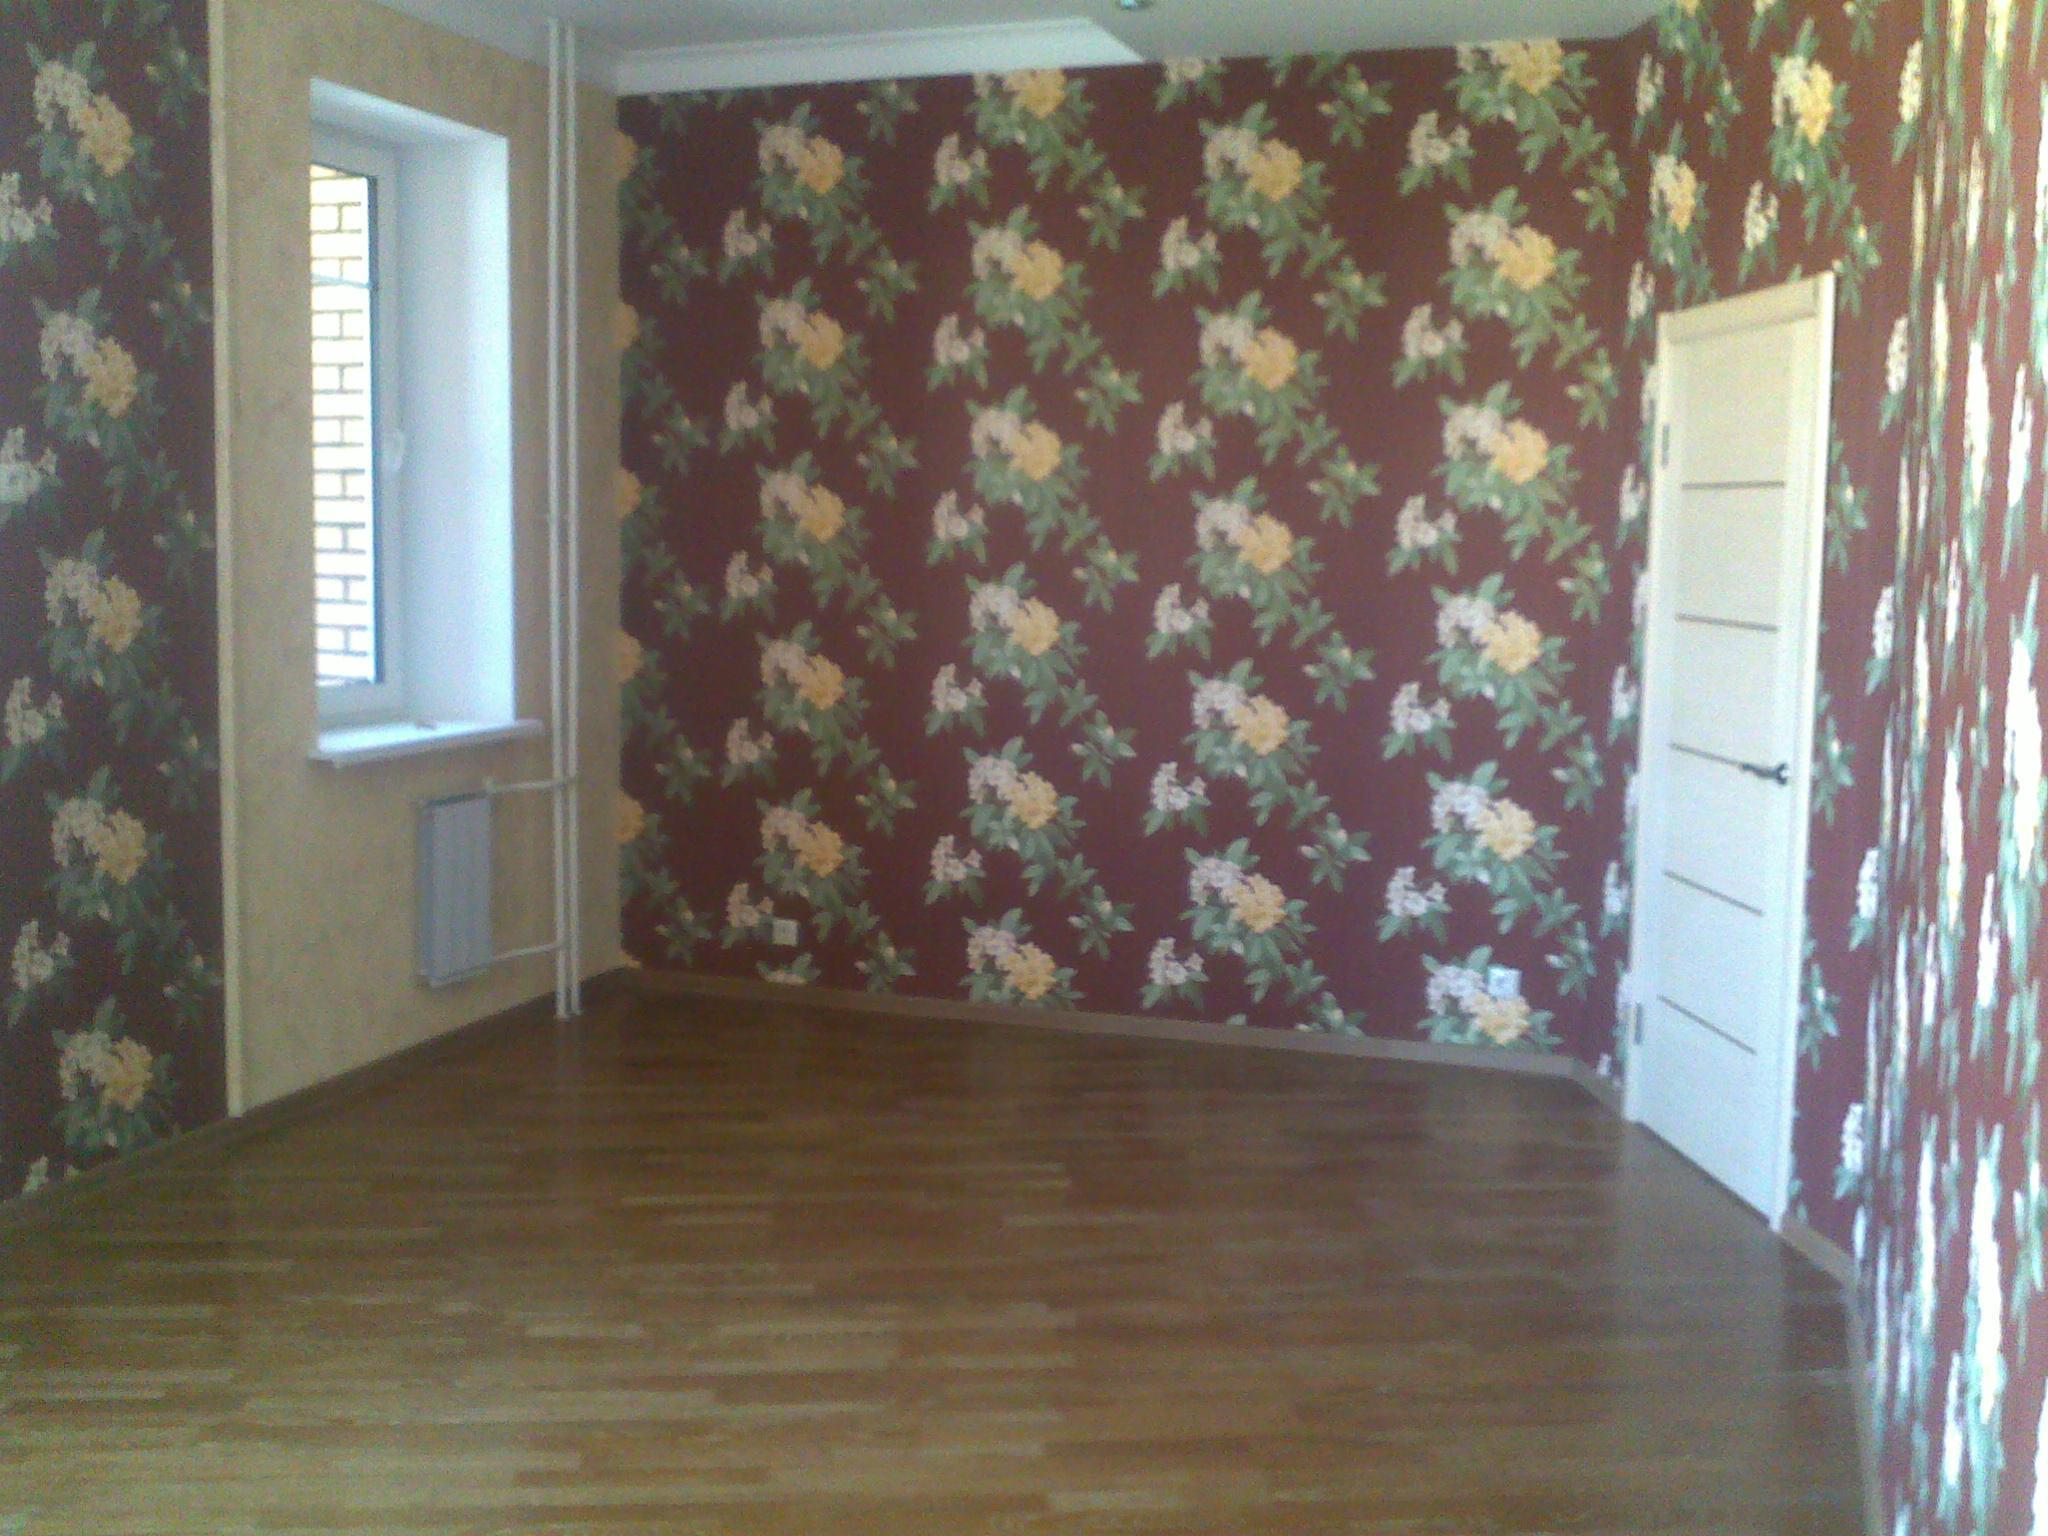 Косметический ремонт квартиры своими руками: 10 фото 16